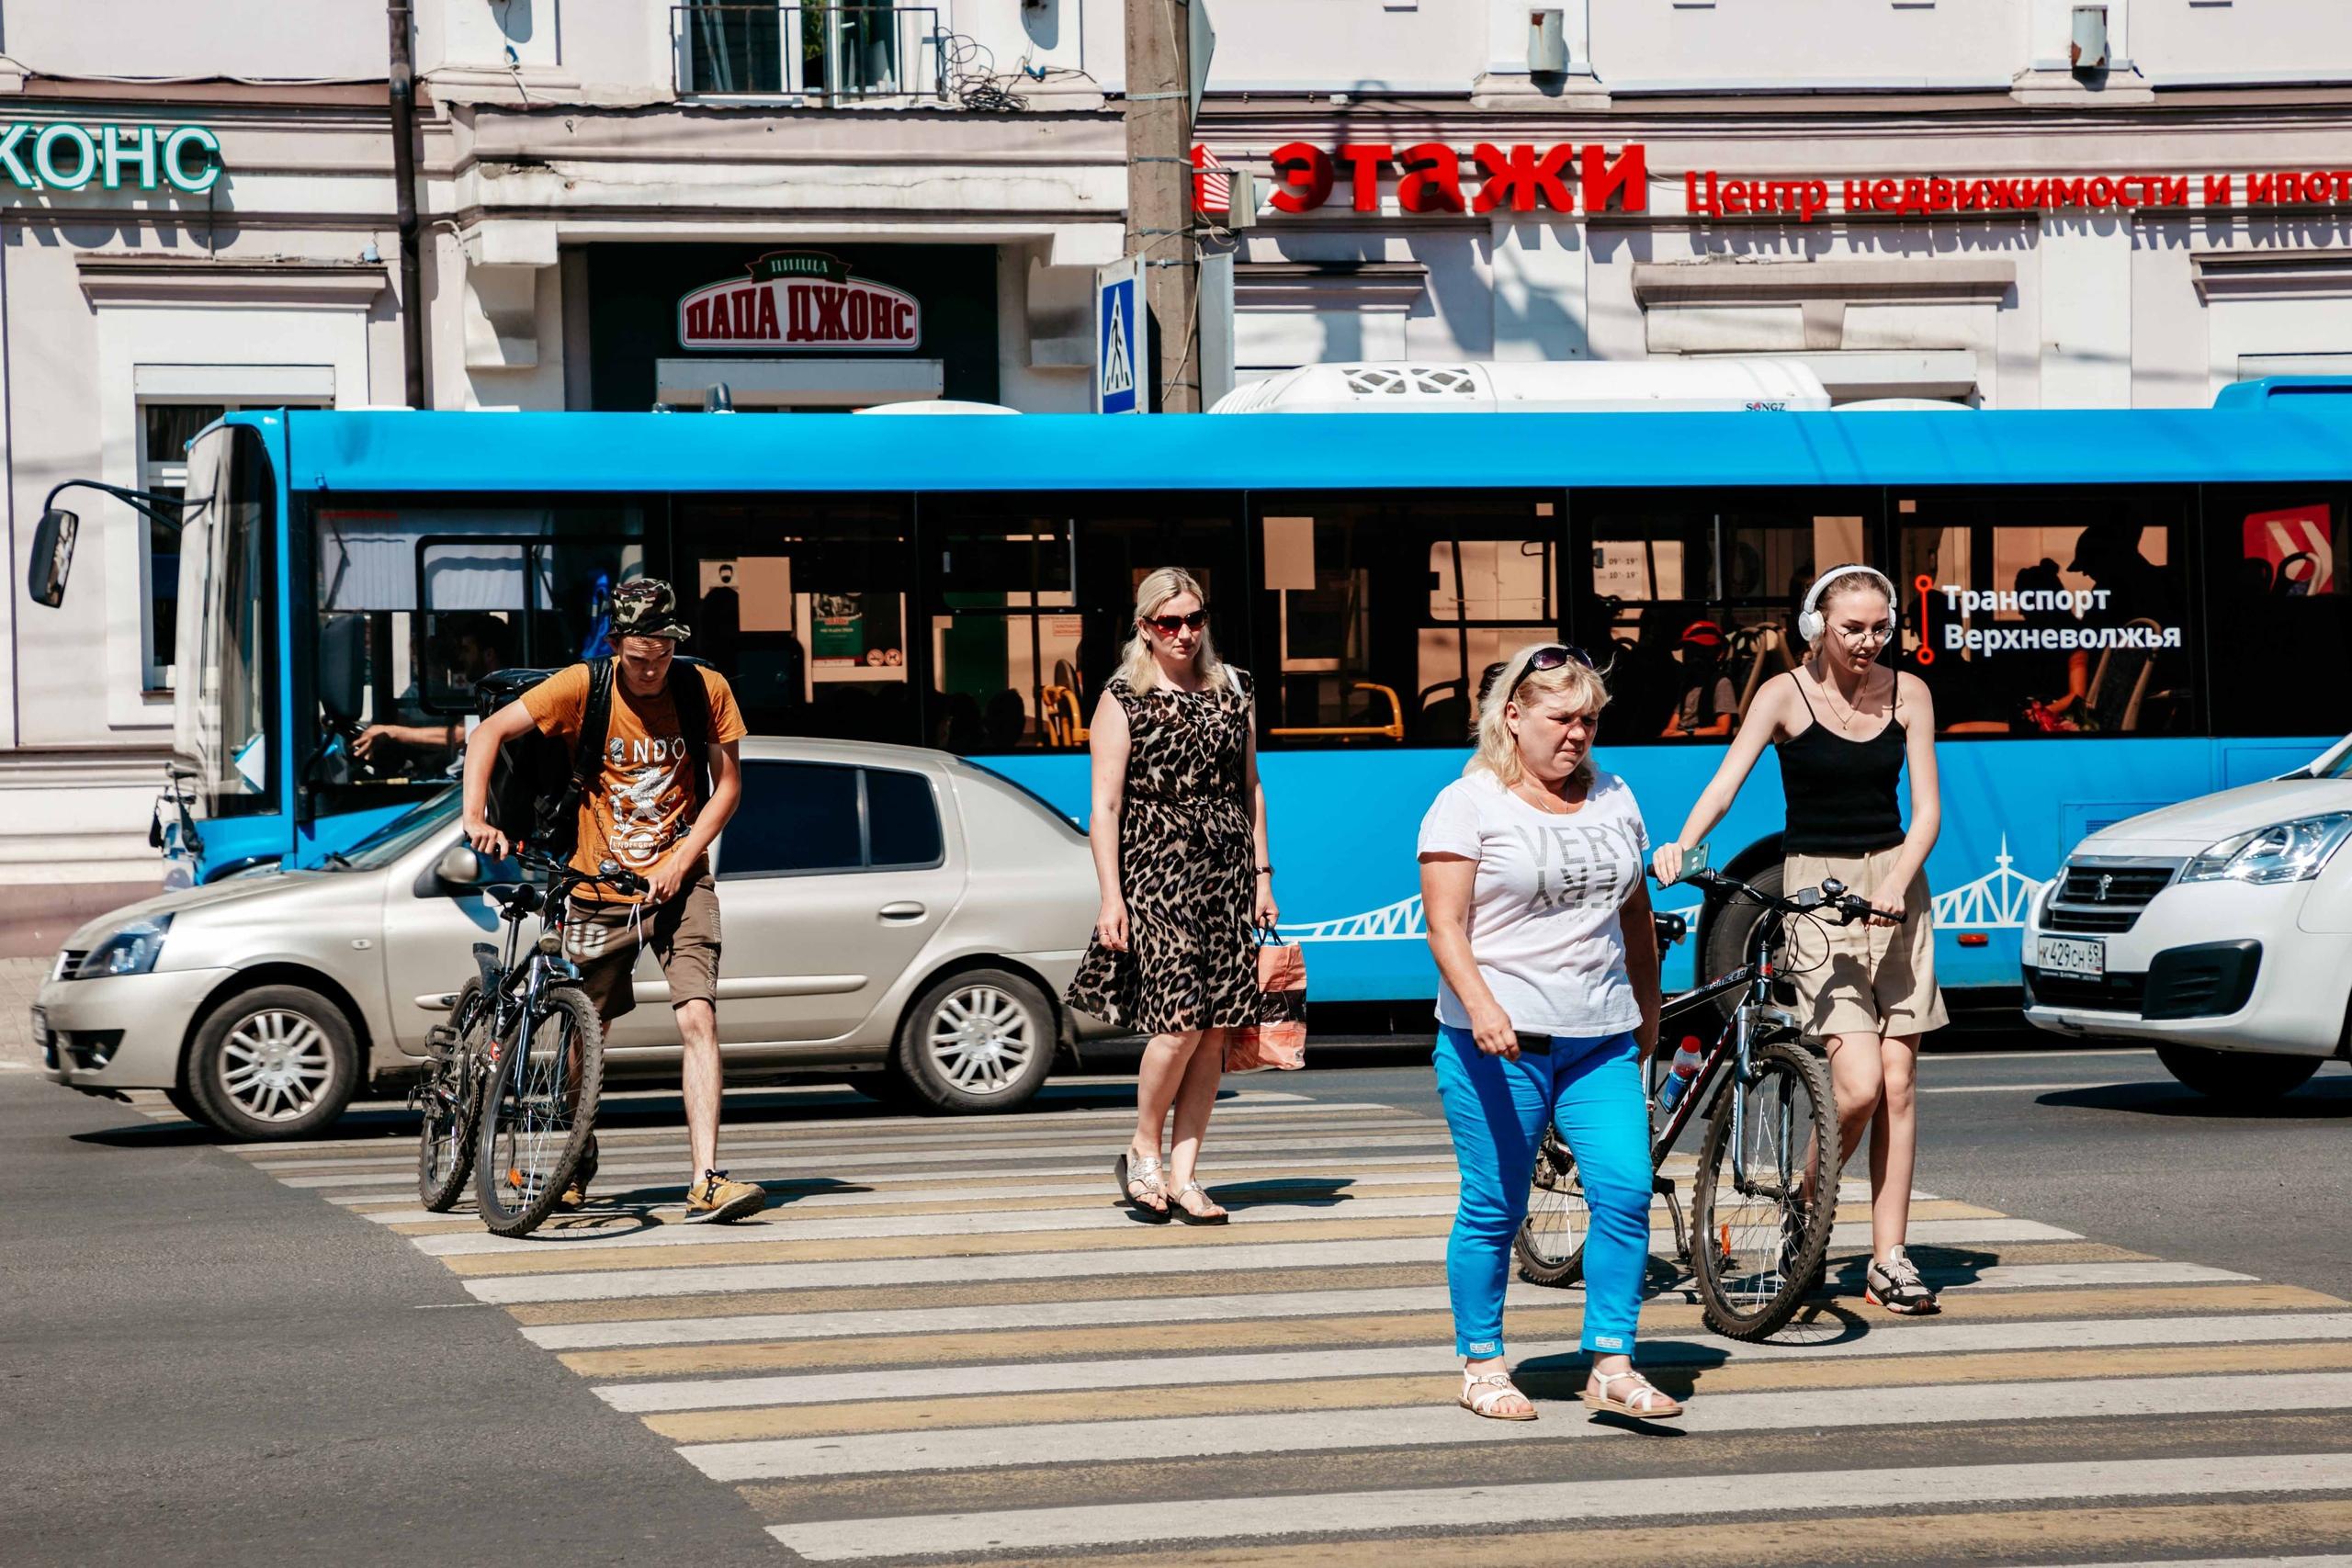 Жителей Тверской области предупредили о штрафах за езду на электросамокатах